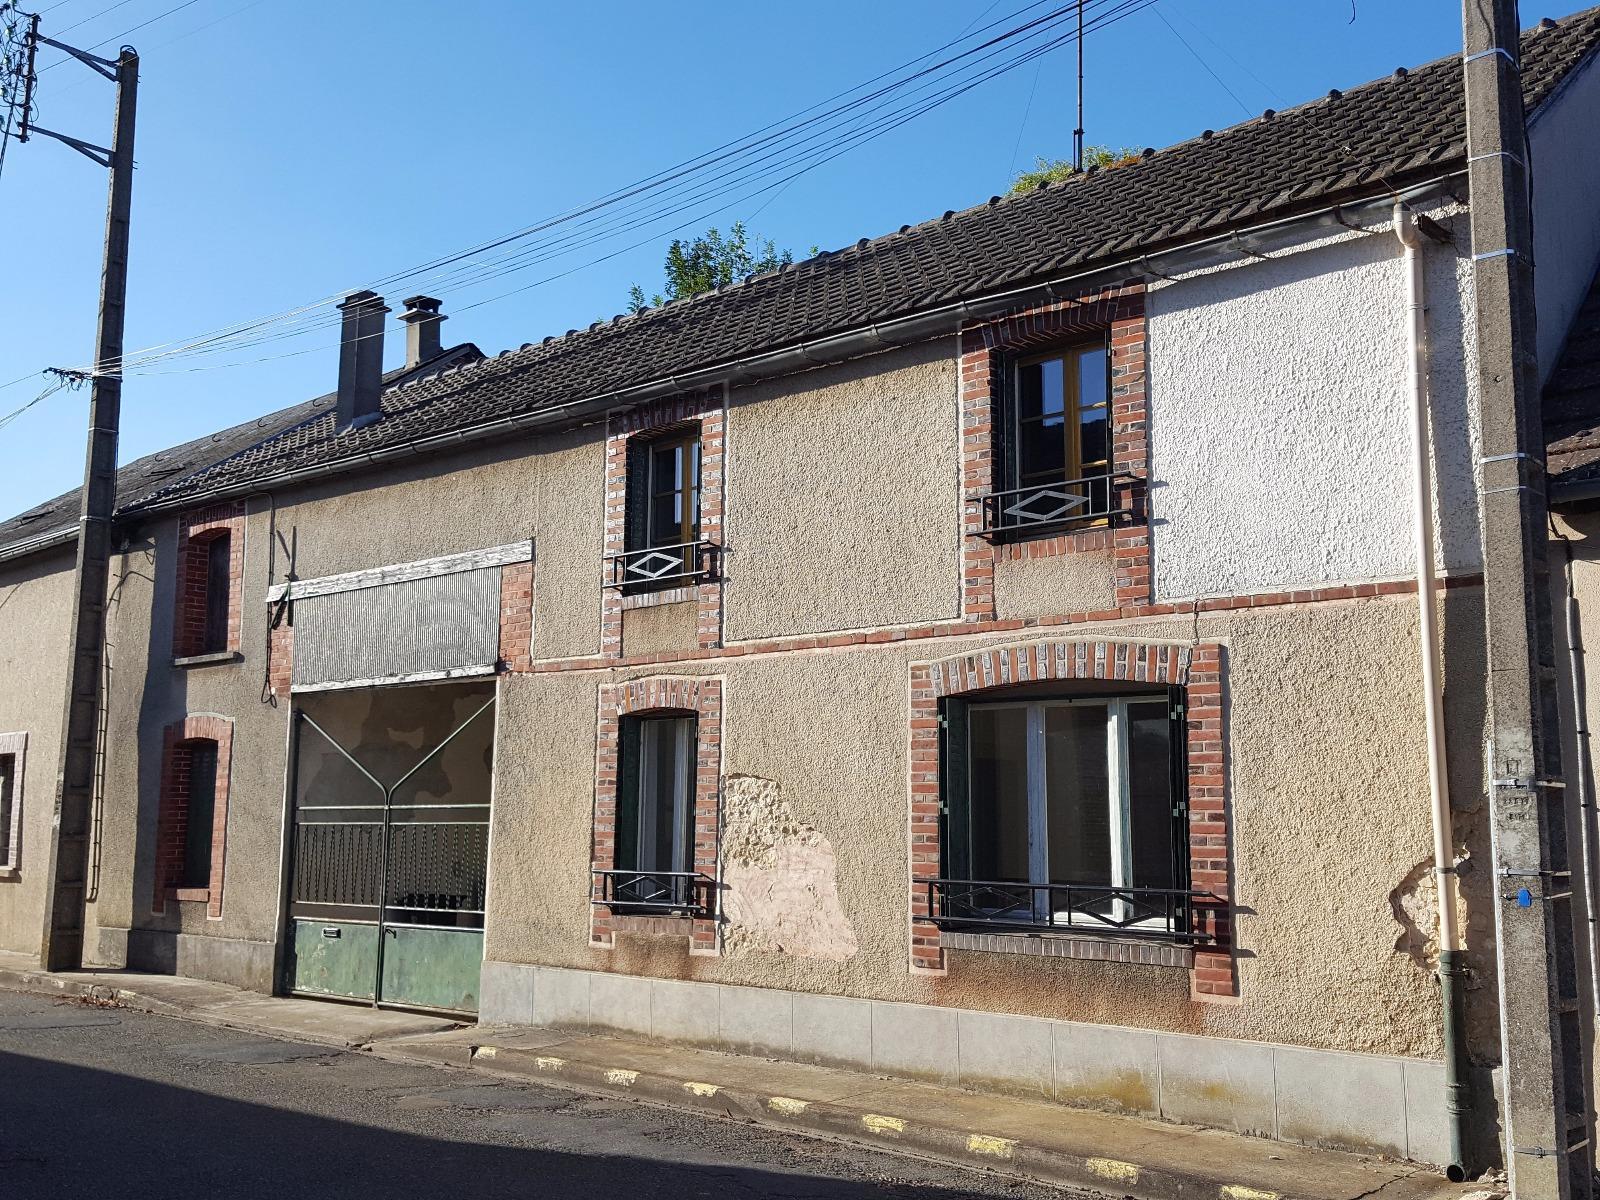 Vente maison ancienne a finir de renover beville le comte for Maison a finir